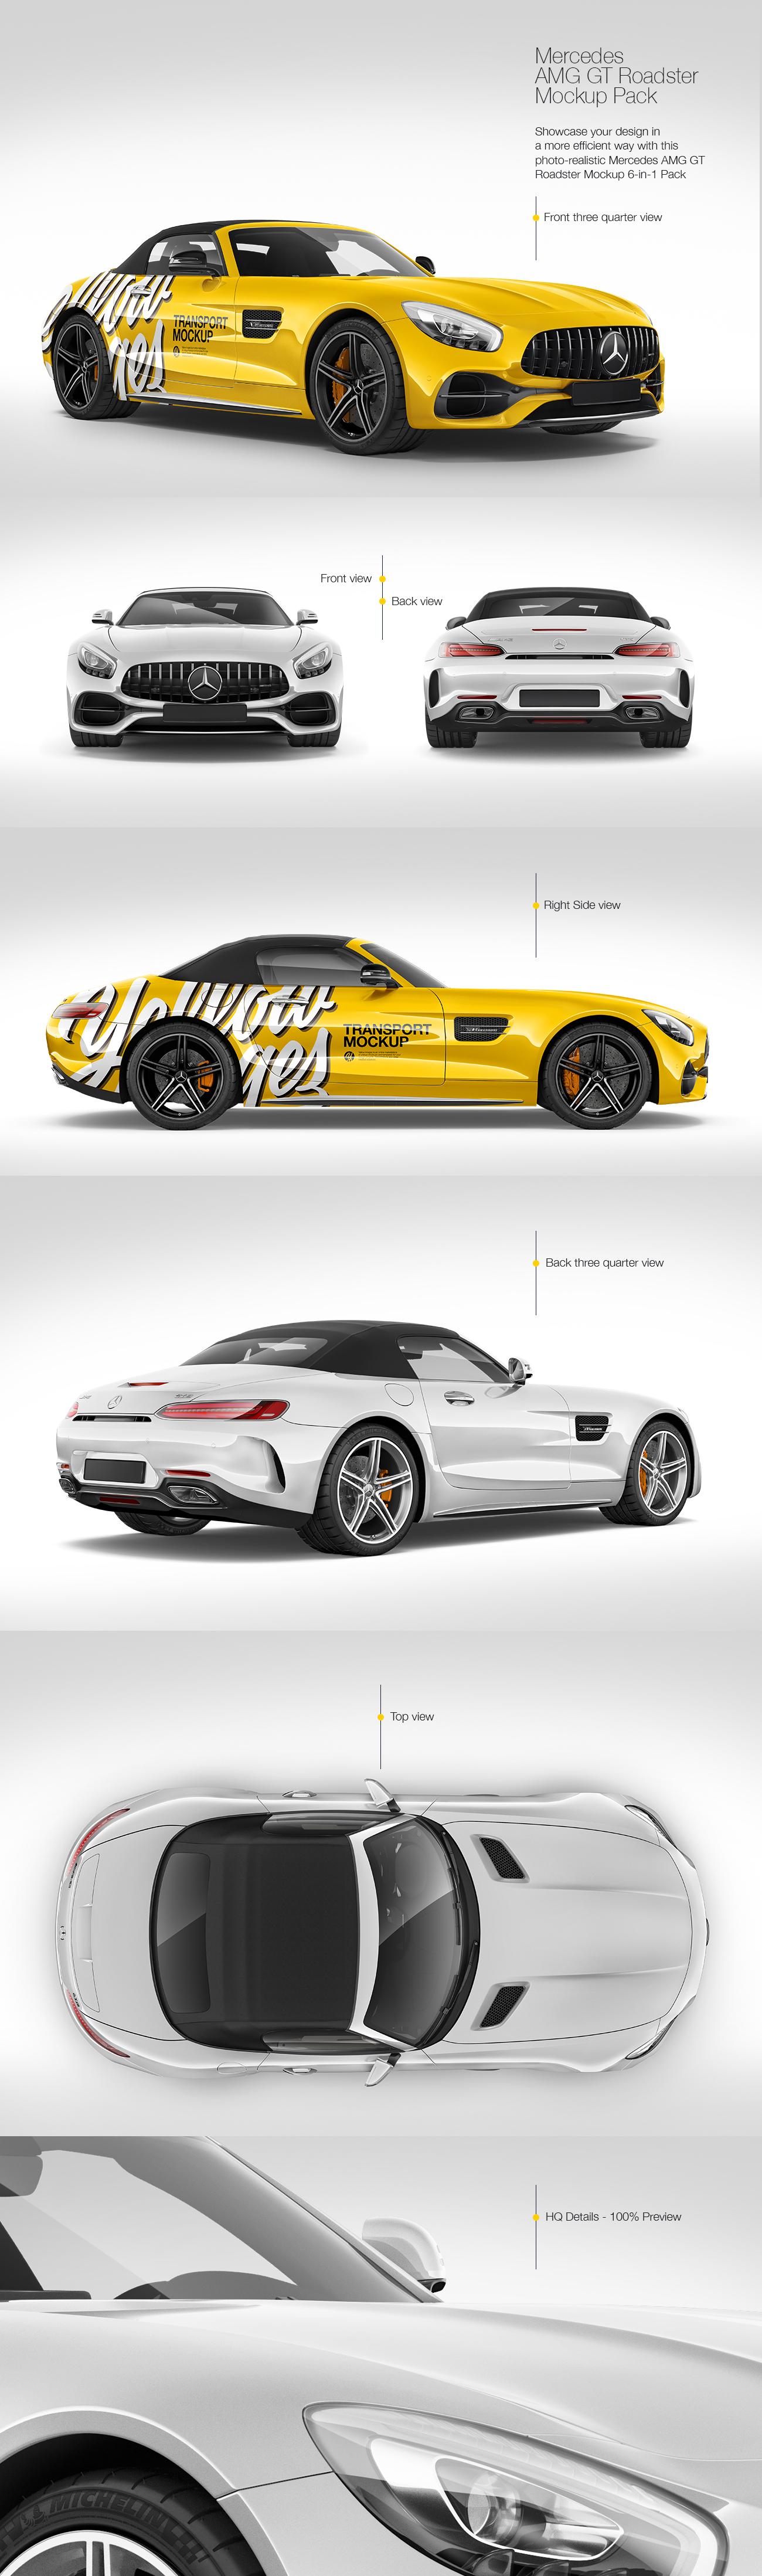 Mercedes AMG GT Roadster Mockup Pack